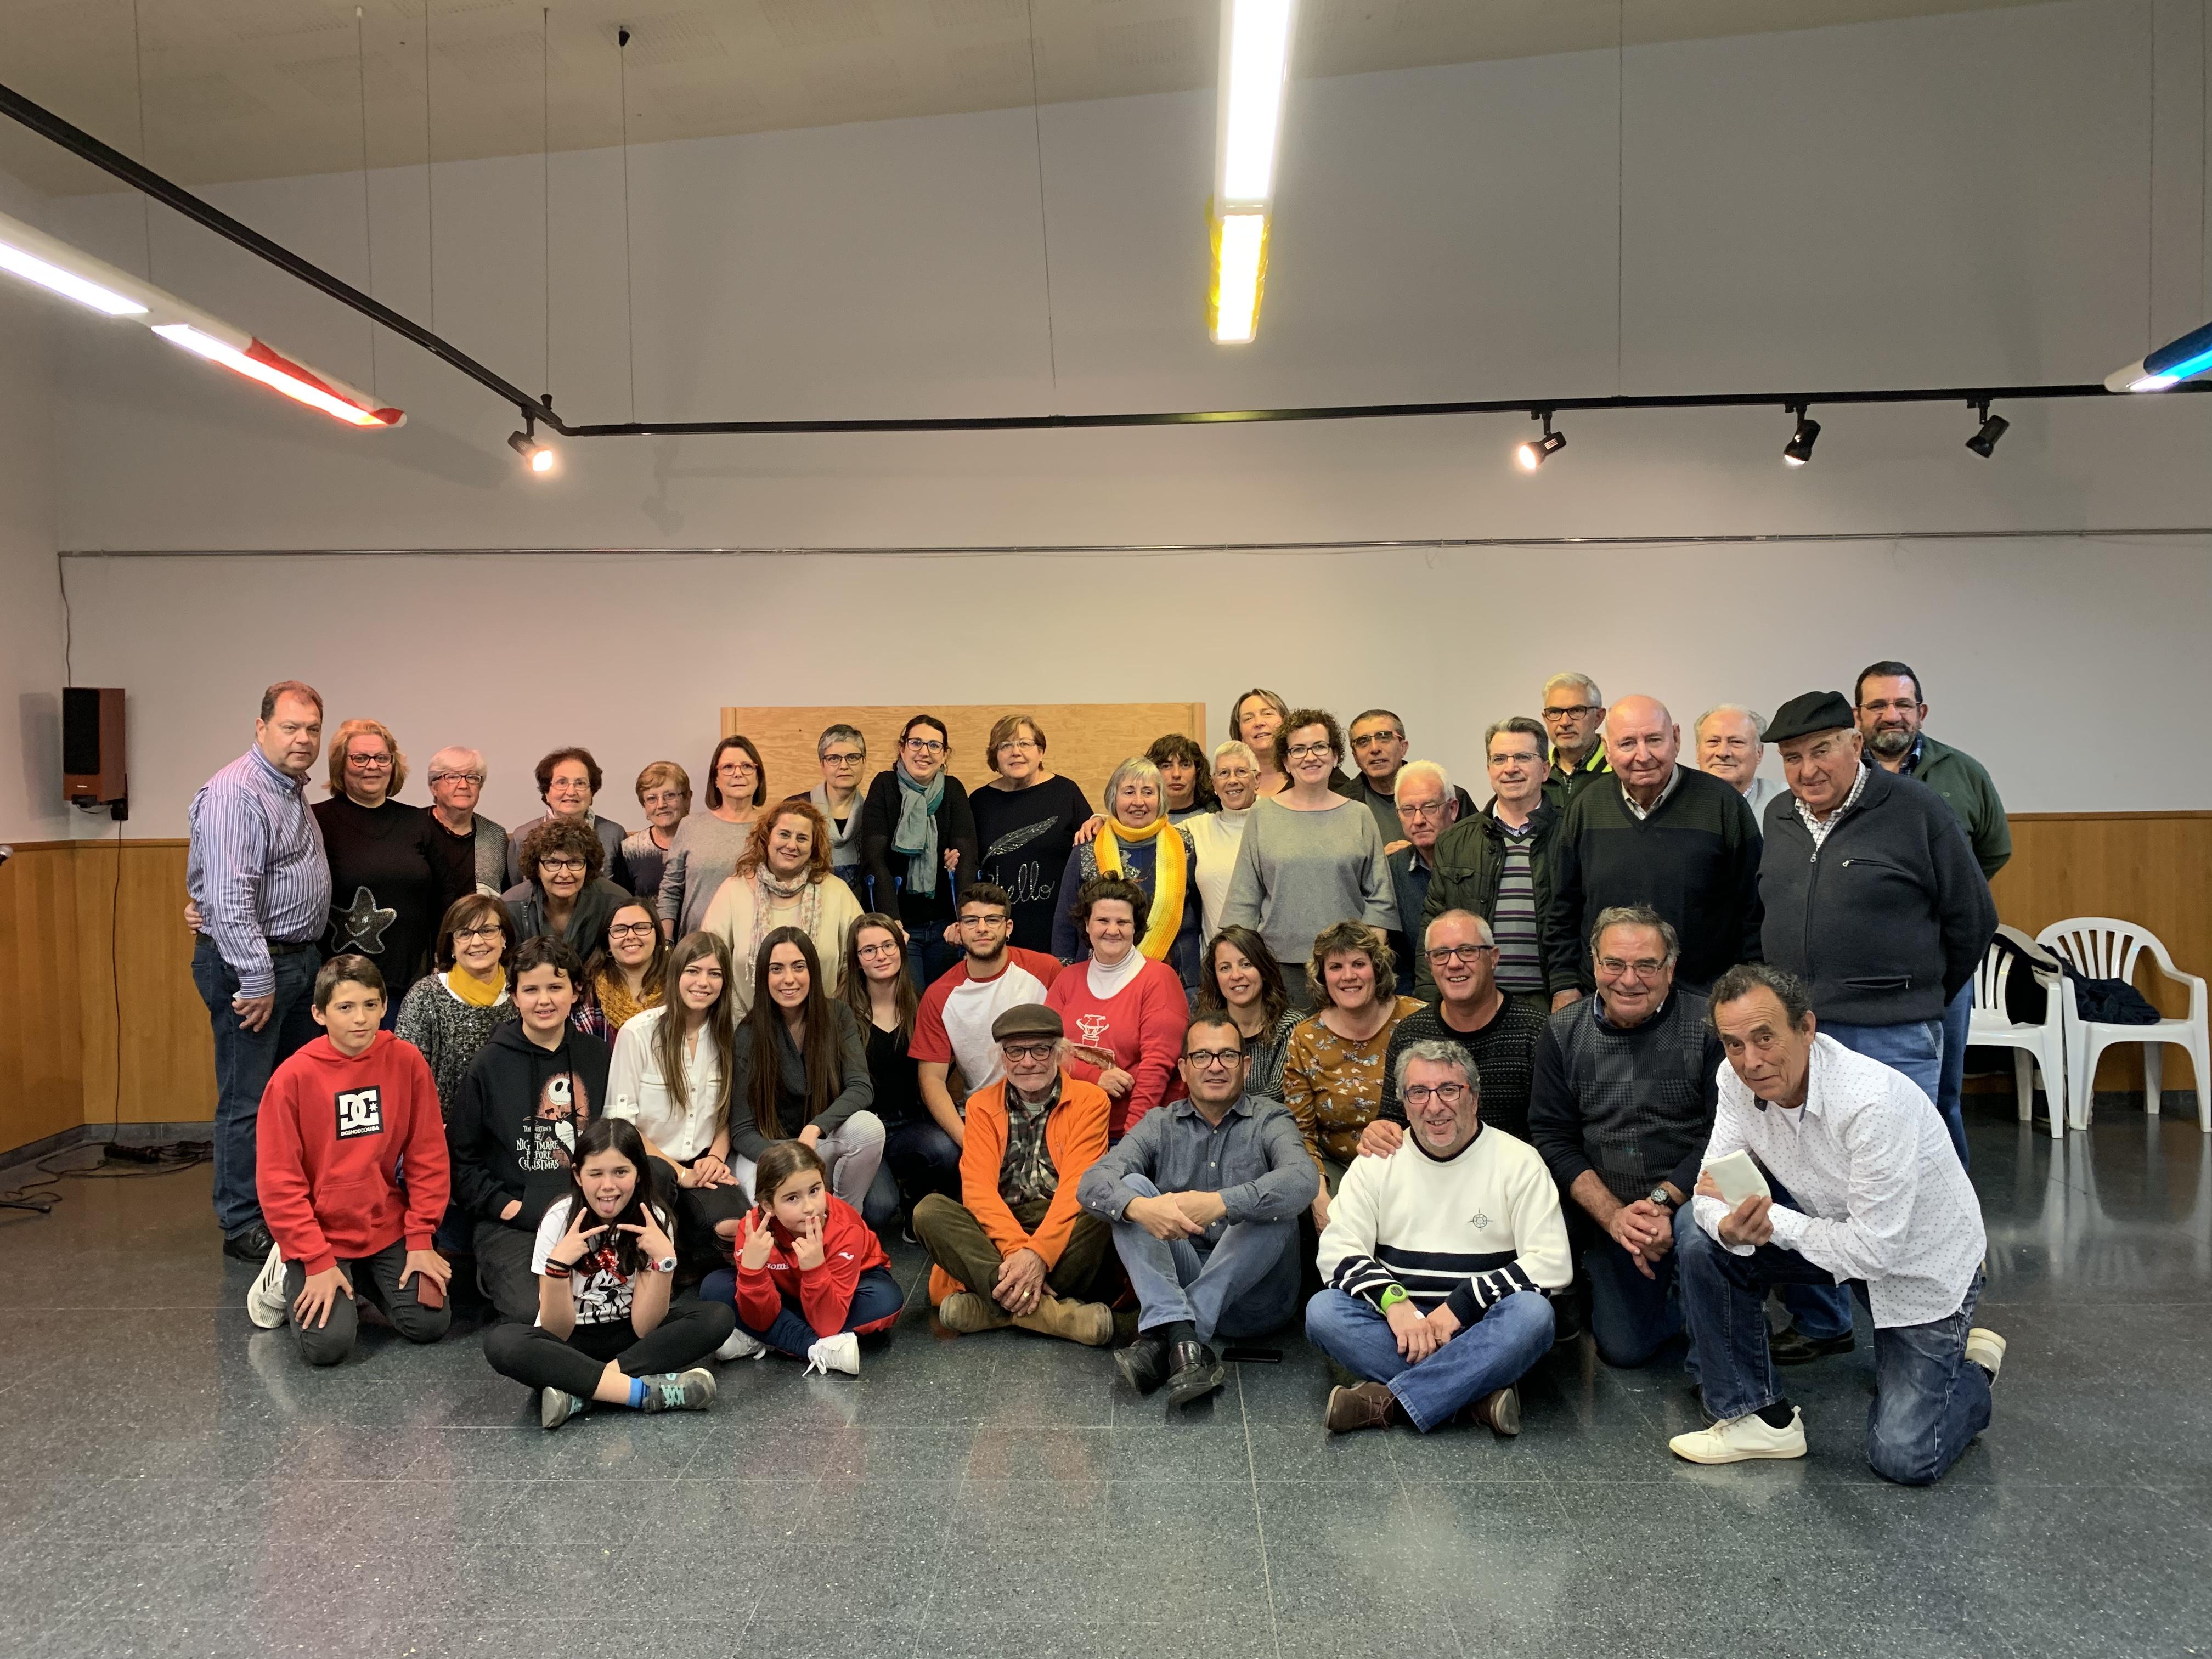 L'Ajuntament de la Bisbal ret homenatge als voluntaris del municipi un any més